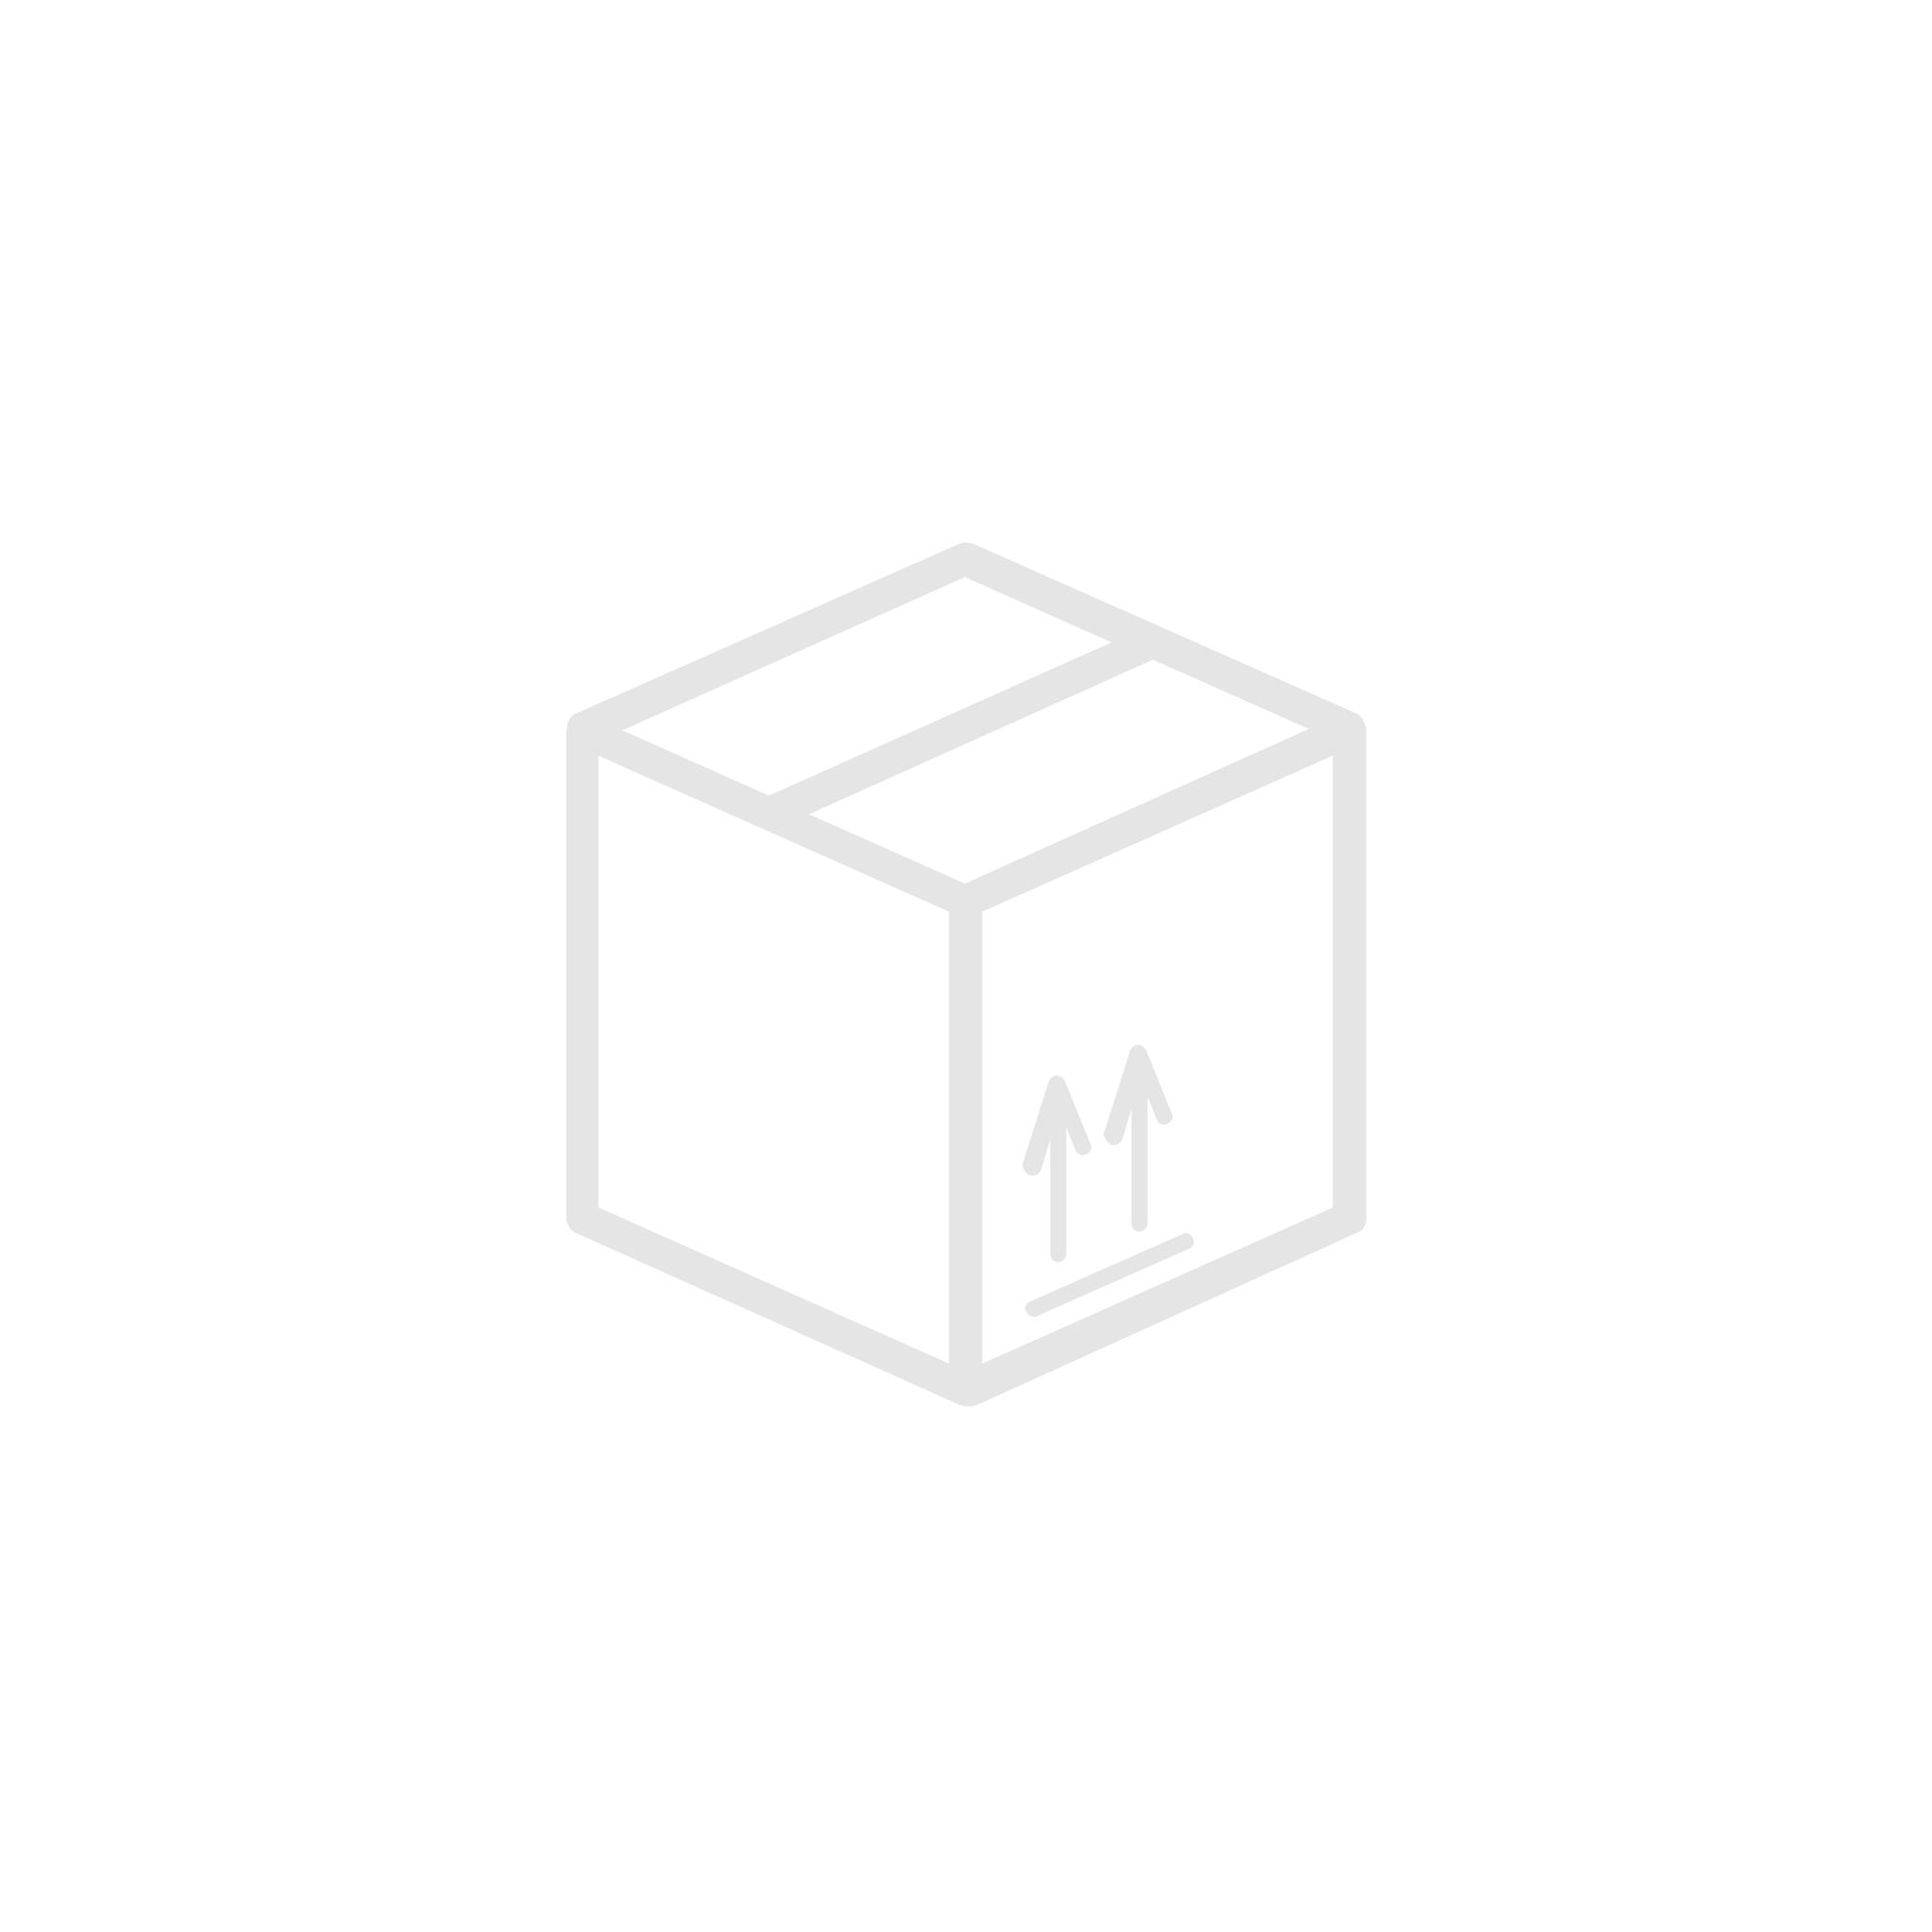 DEN BRAVEN Sprej WD-40 (200 ml)